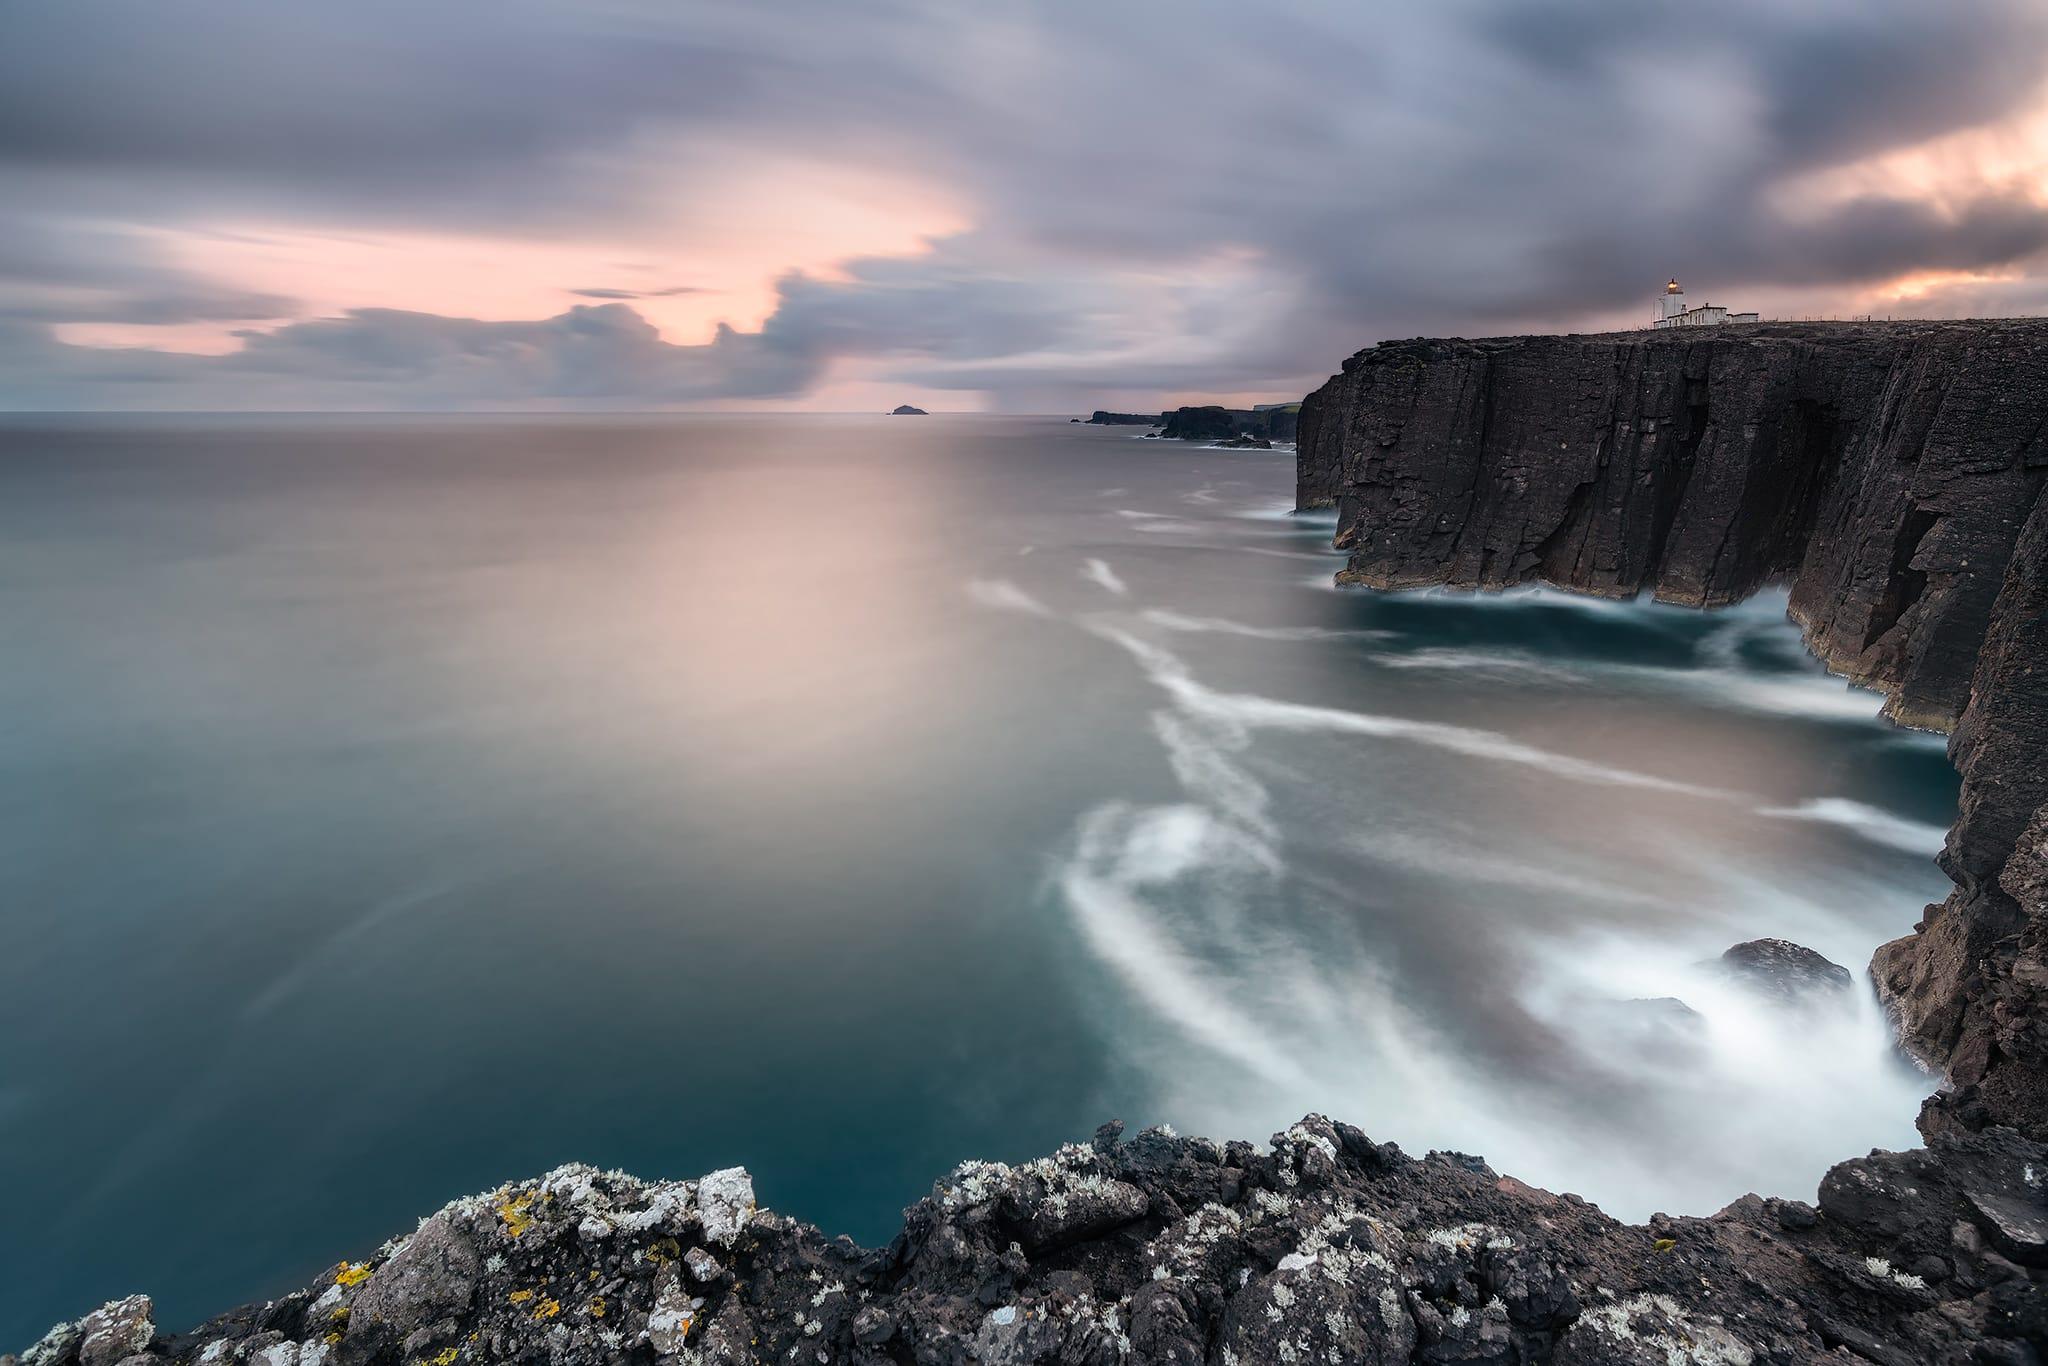 Francesco Gola Seascape Landscape Long Exposure Photography FineArt Print UK Scotland Shetland Eshaness